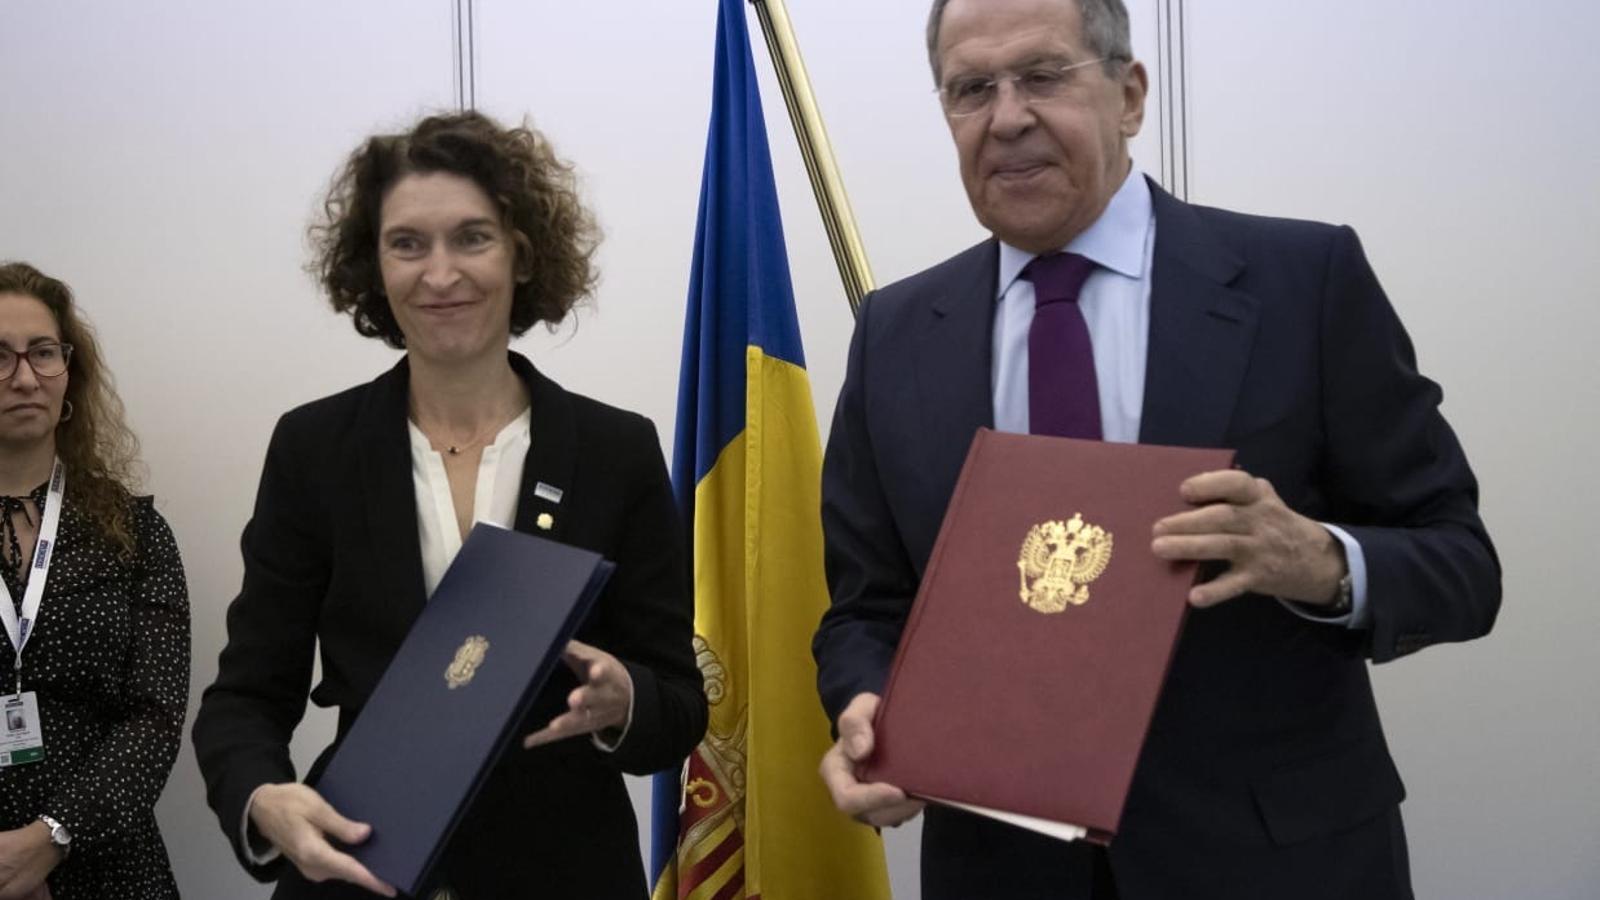 aria Ubach amb Sergei Lavrov, amb qui ha signat el conveni amb Rússia. / SFG